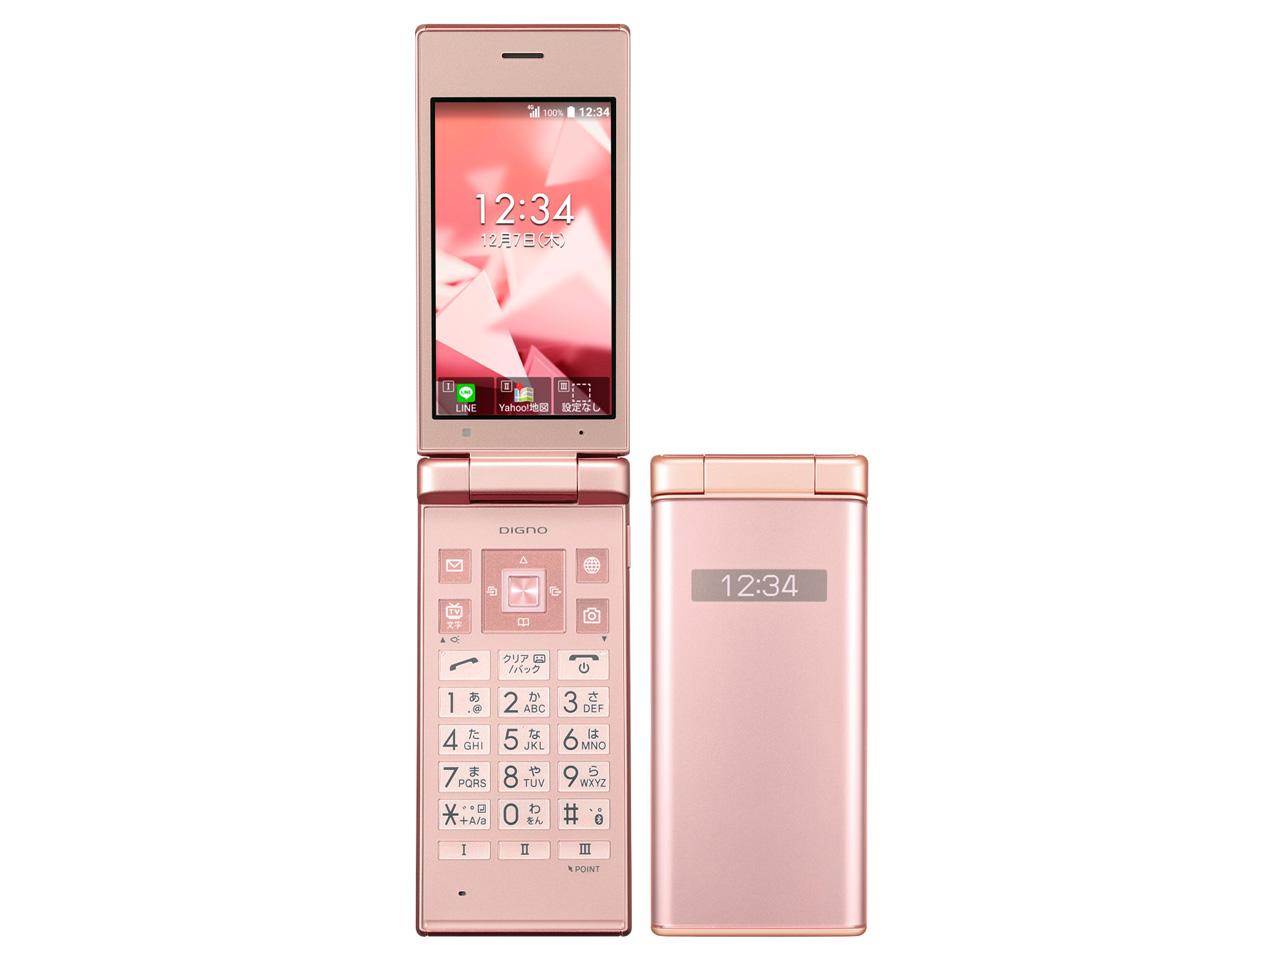 DIGNO ケータイ2 [ピンク] の製品画像